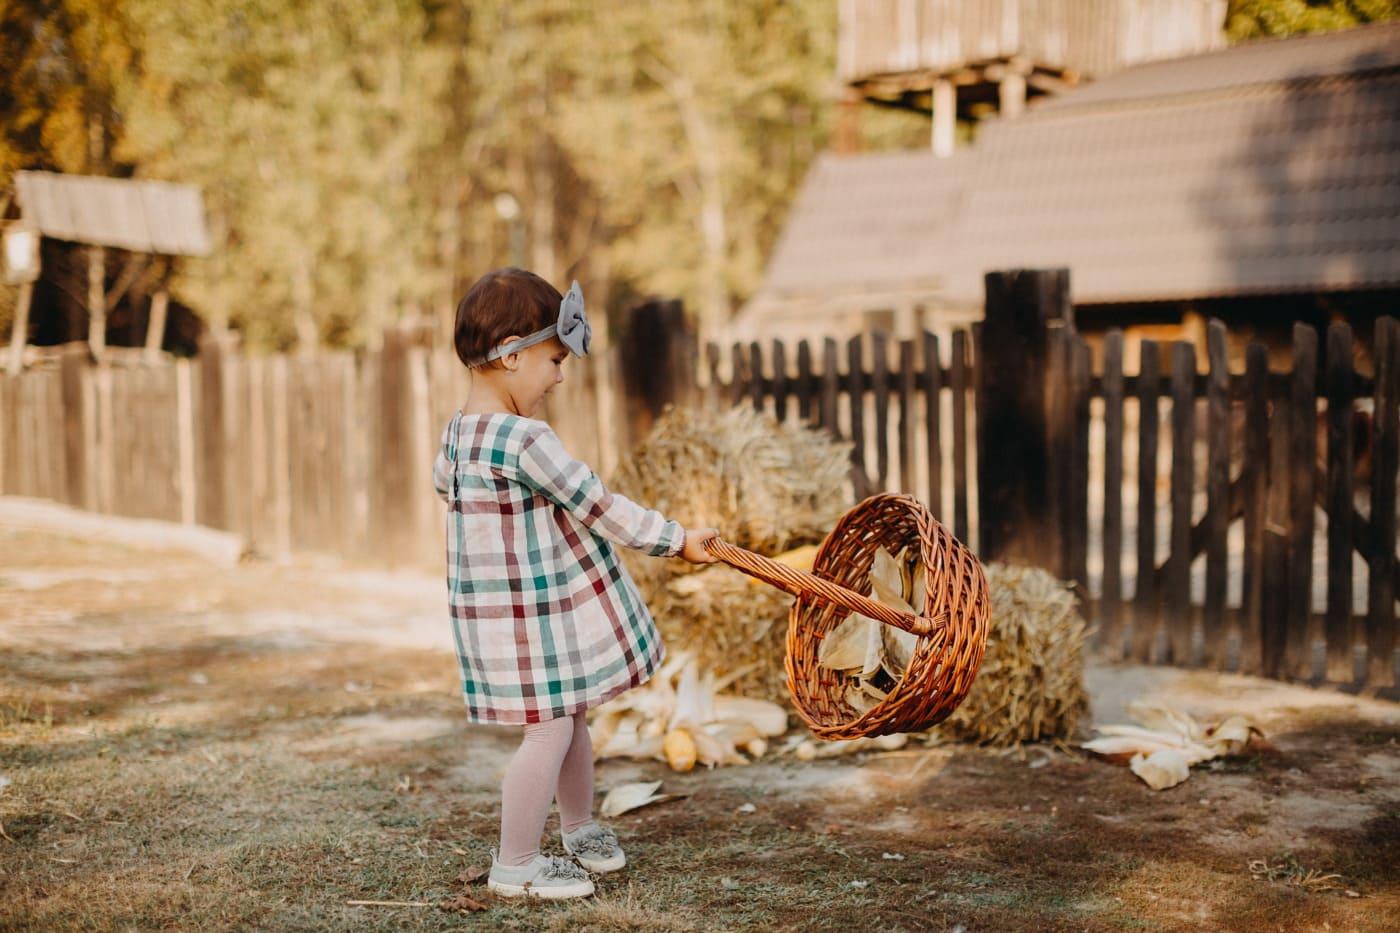 infância, feliz, criança, celeiro, vila, feno, menina, natureza, ao ar livre, retrato